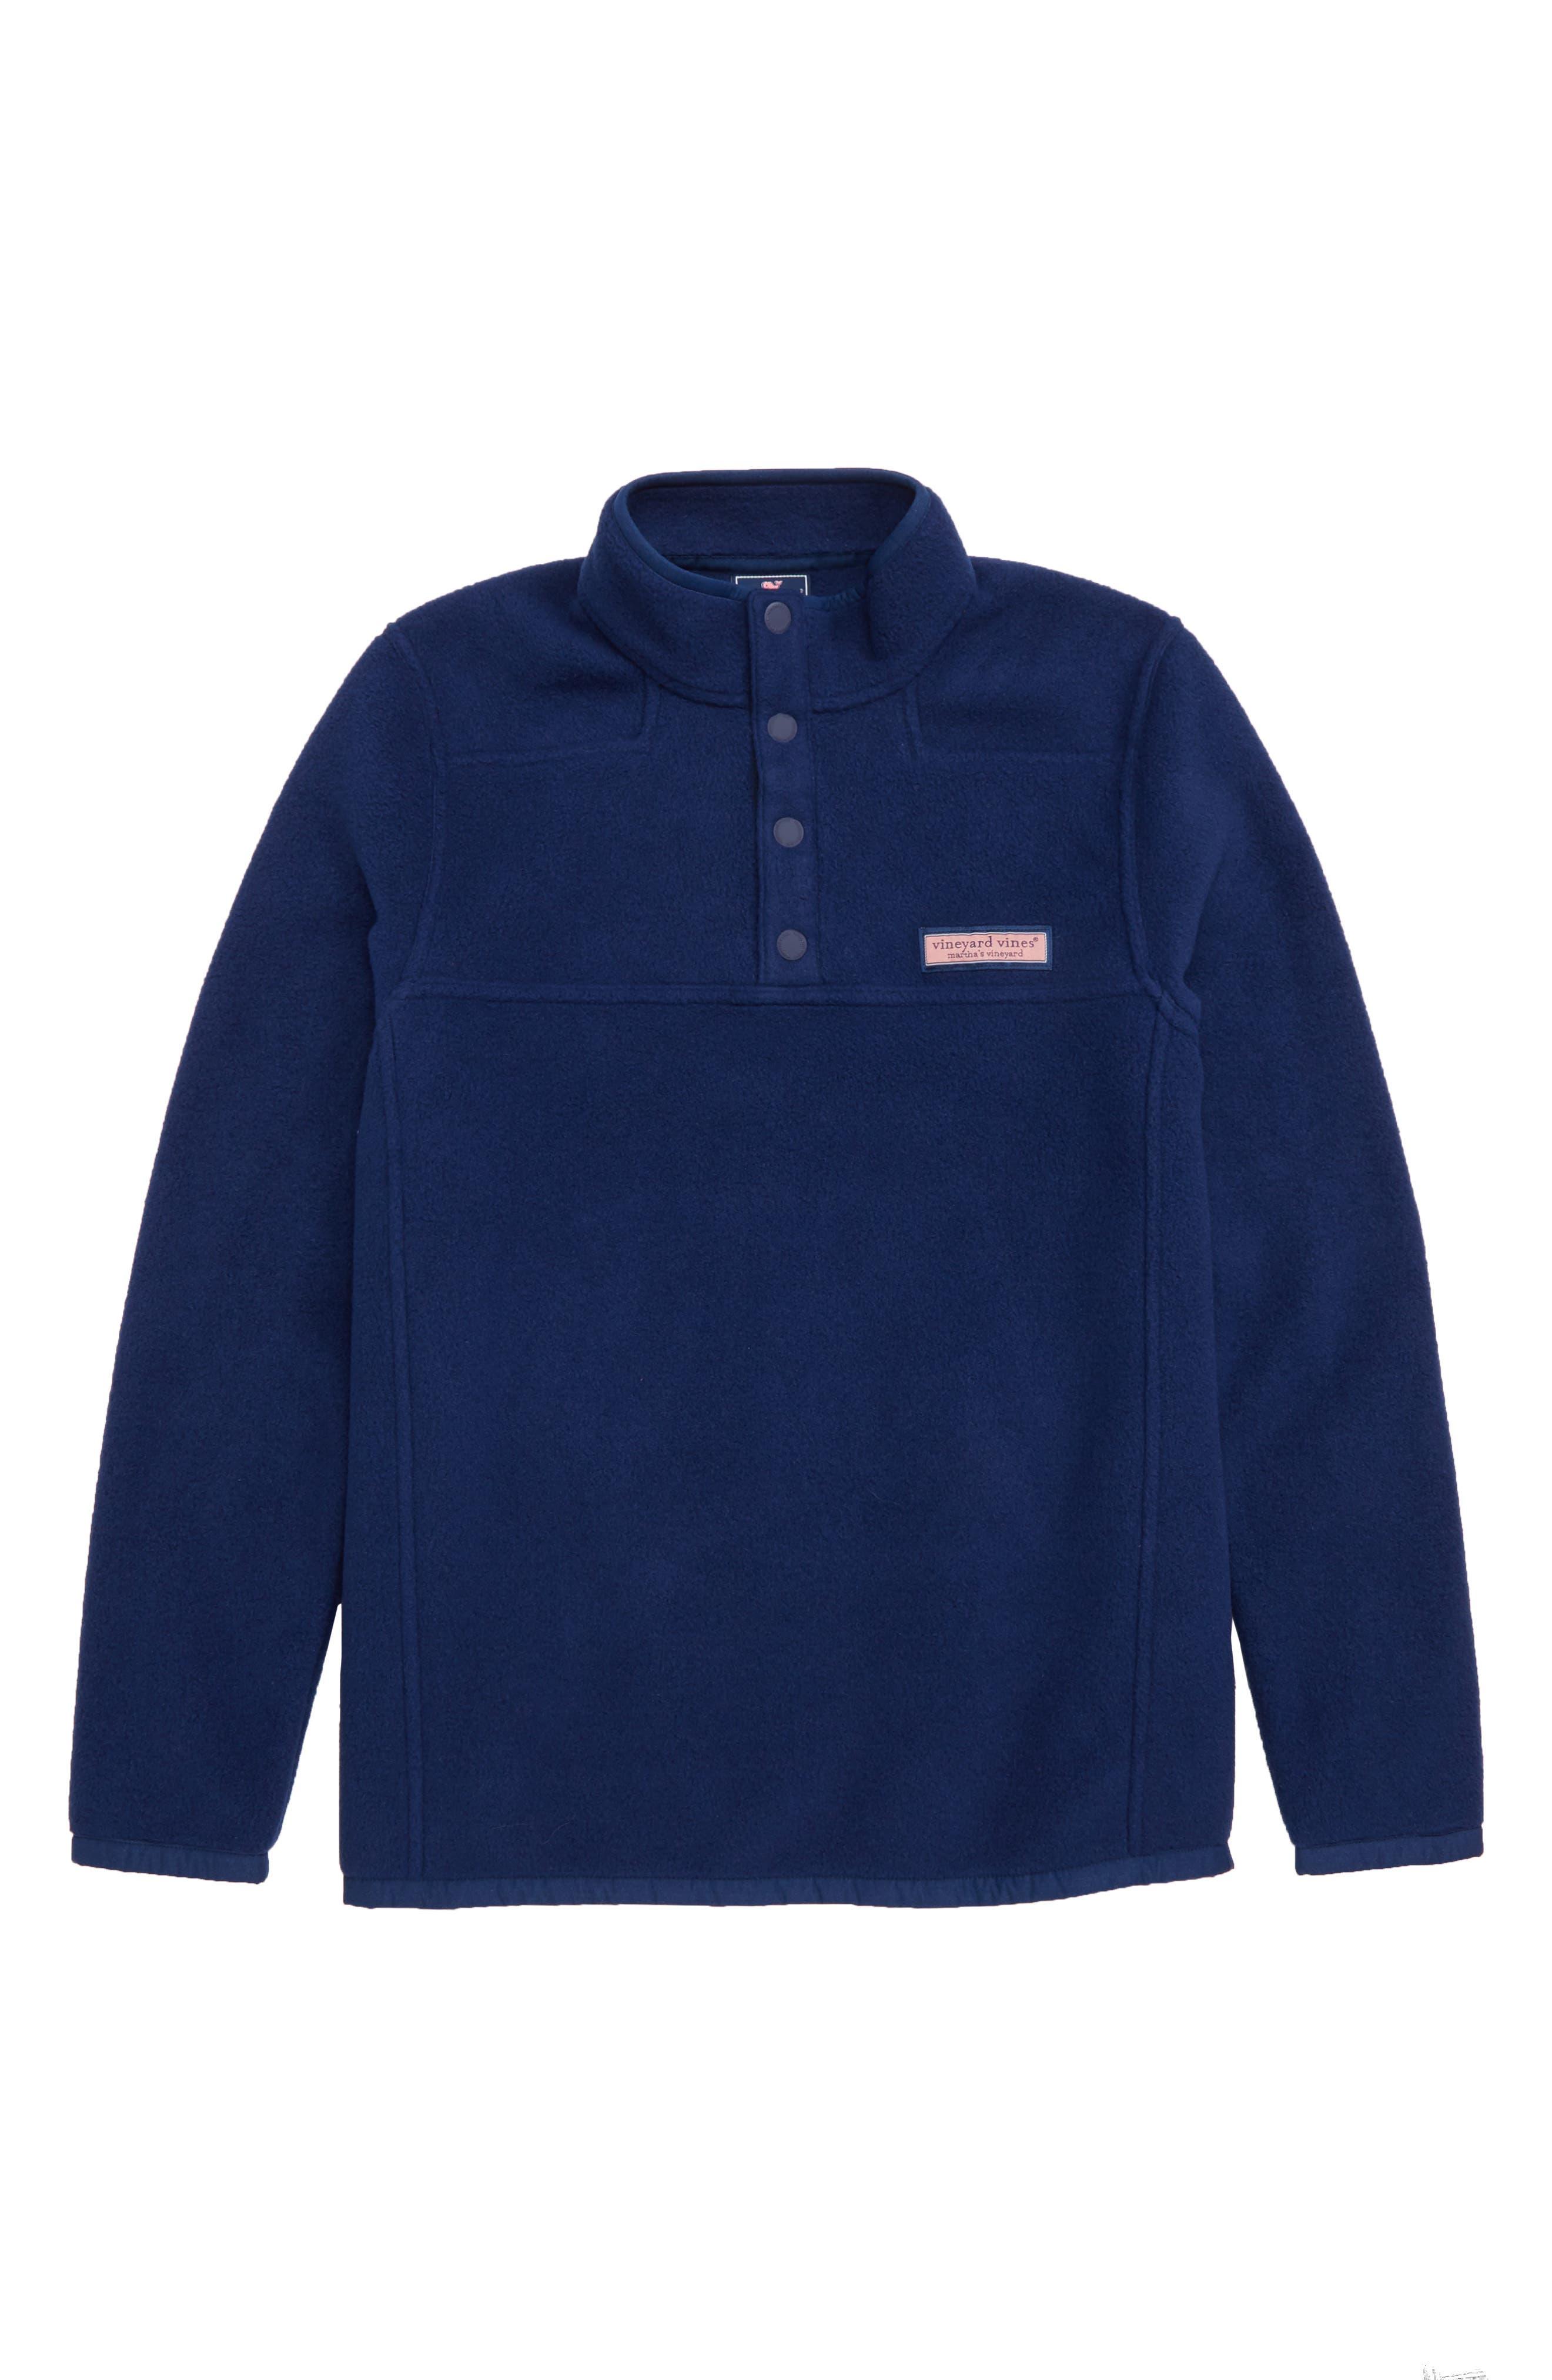 Shep Snap Placket Fleece Pullover,                             Main thumbnail 1, color,                             DEEP BAY